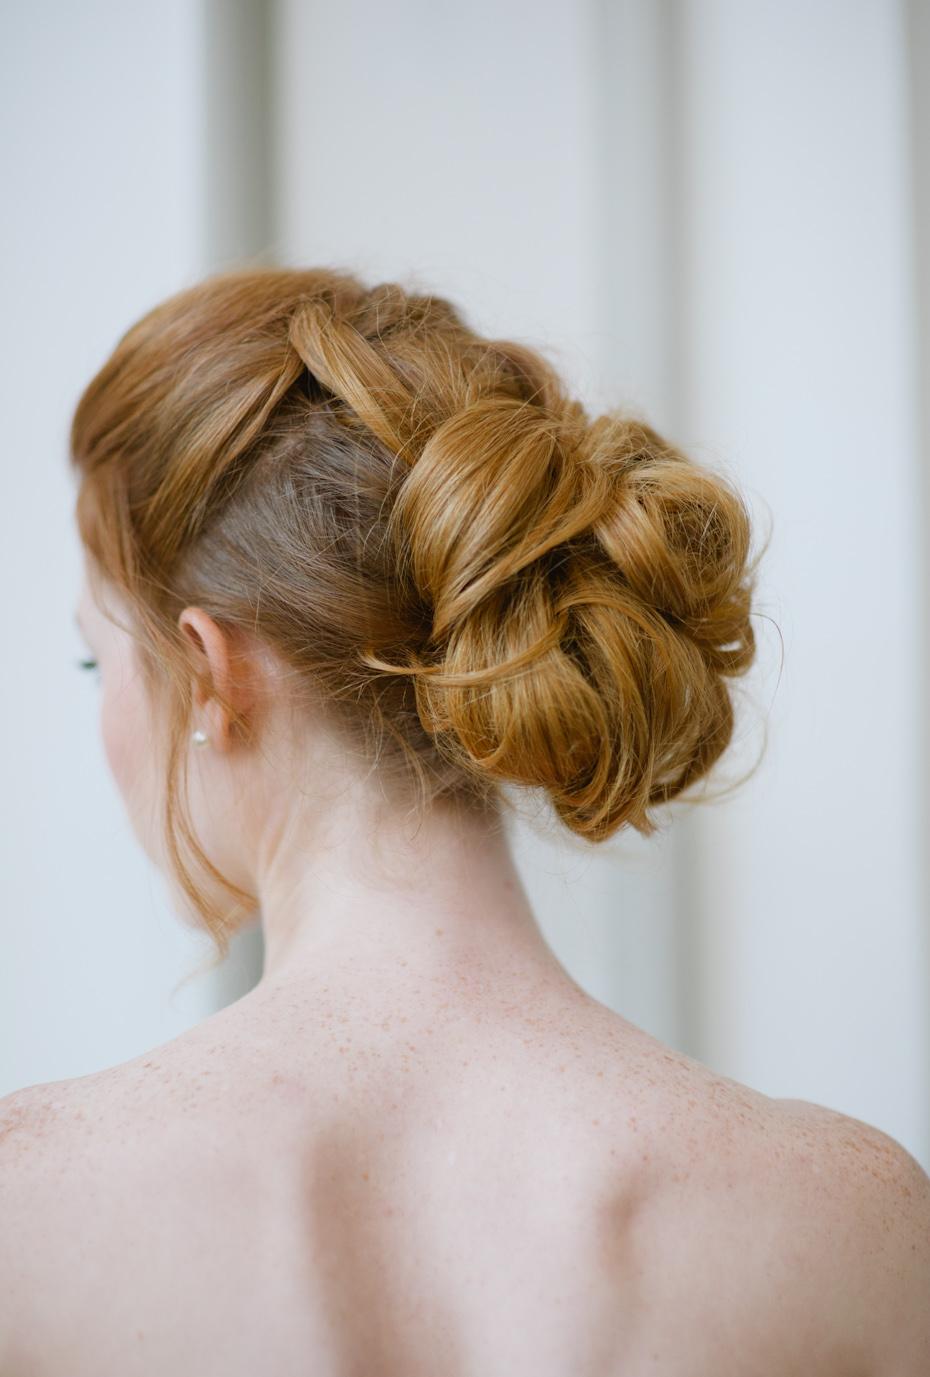 Hair by Claudia Mejerle